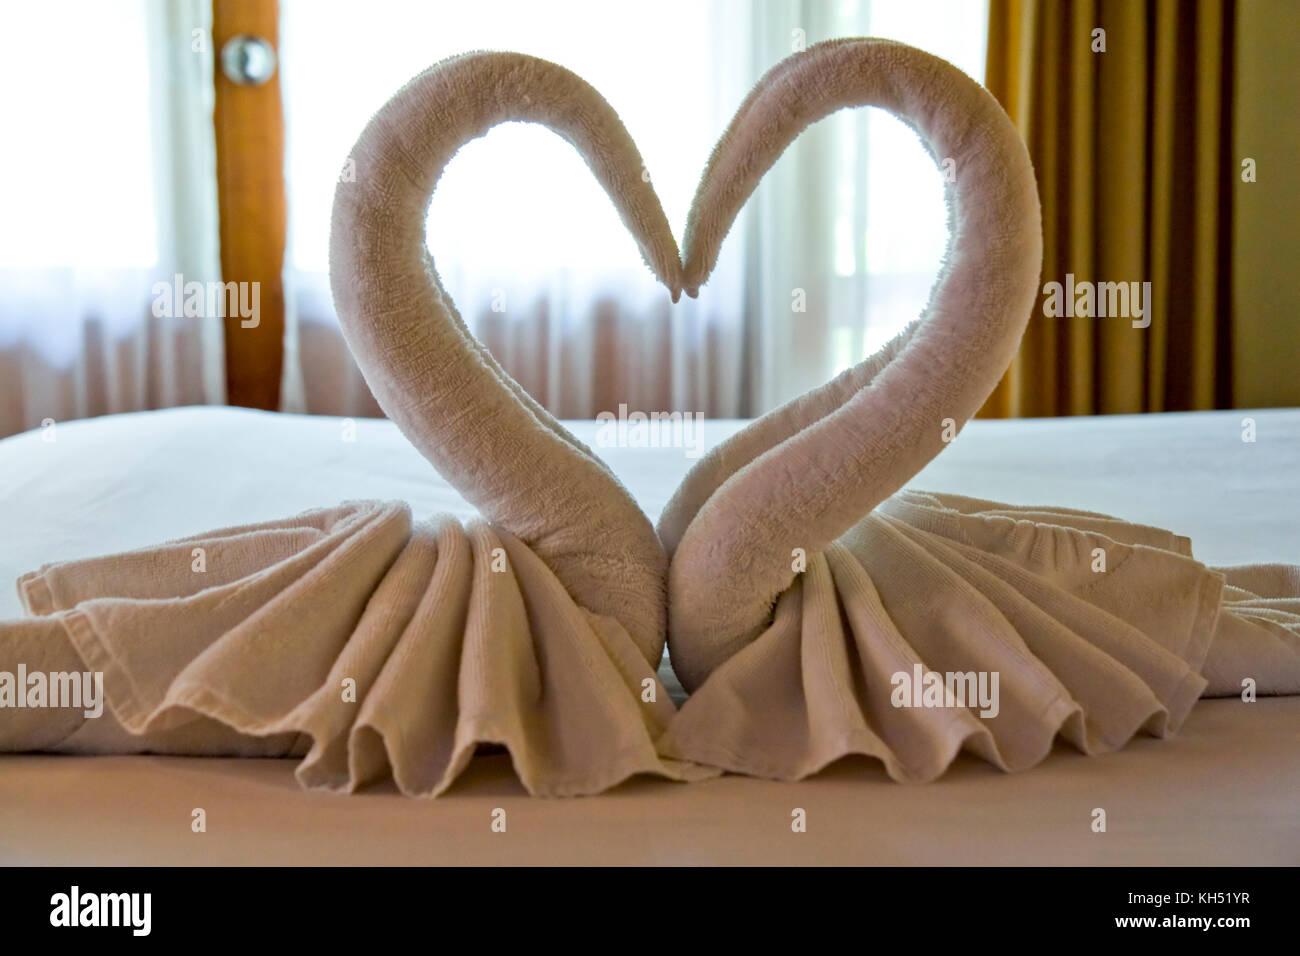 , Disposés comme les cygnes sur le lit dans la chambre du client. photographié en Asie du sud-est, Thailande, Photo Stock